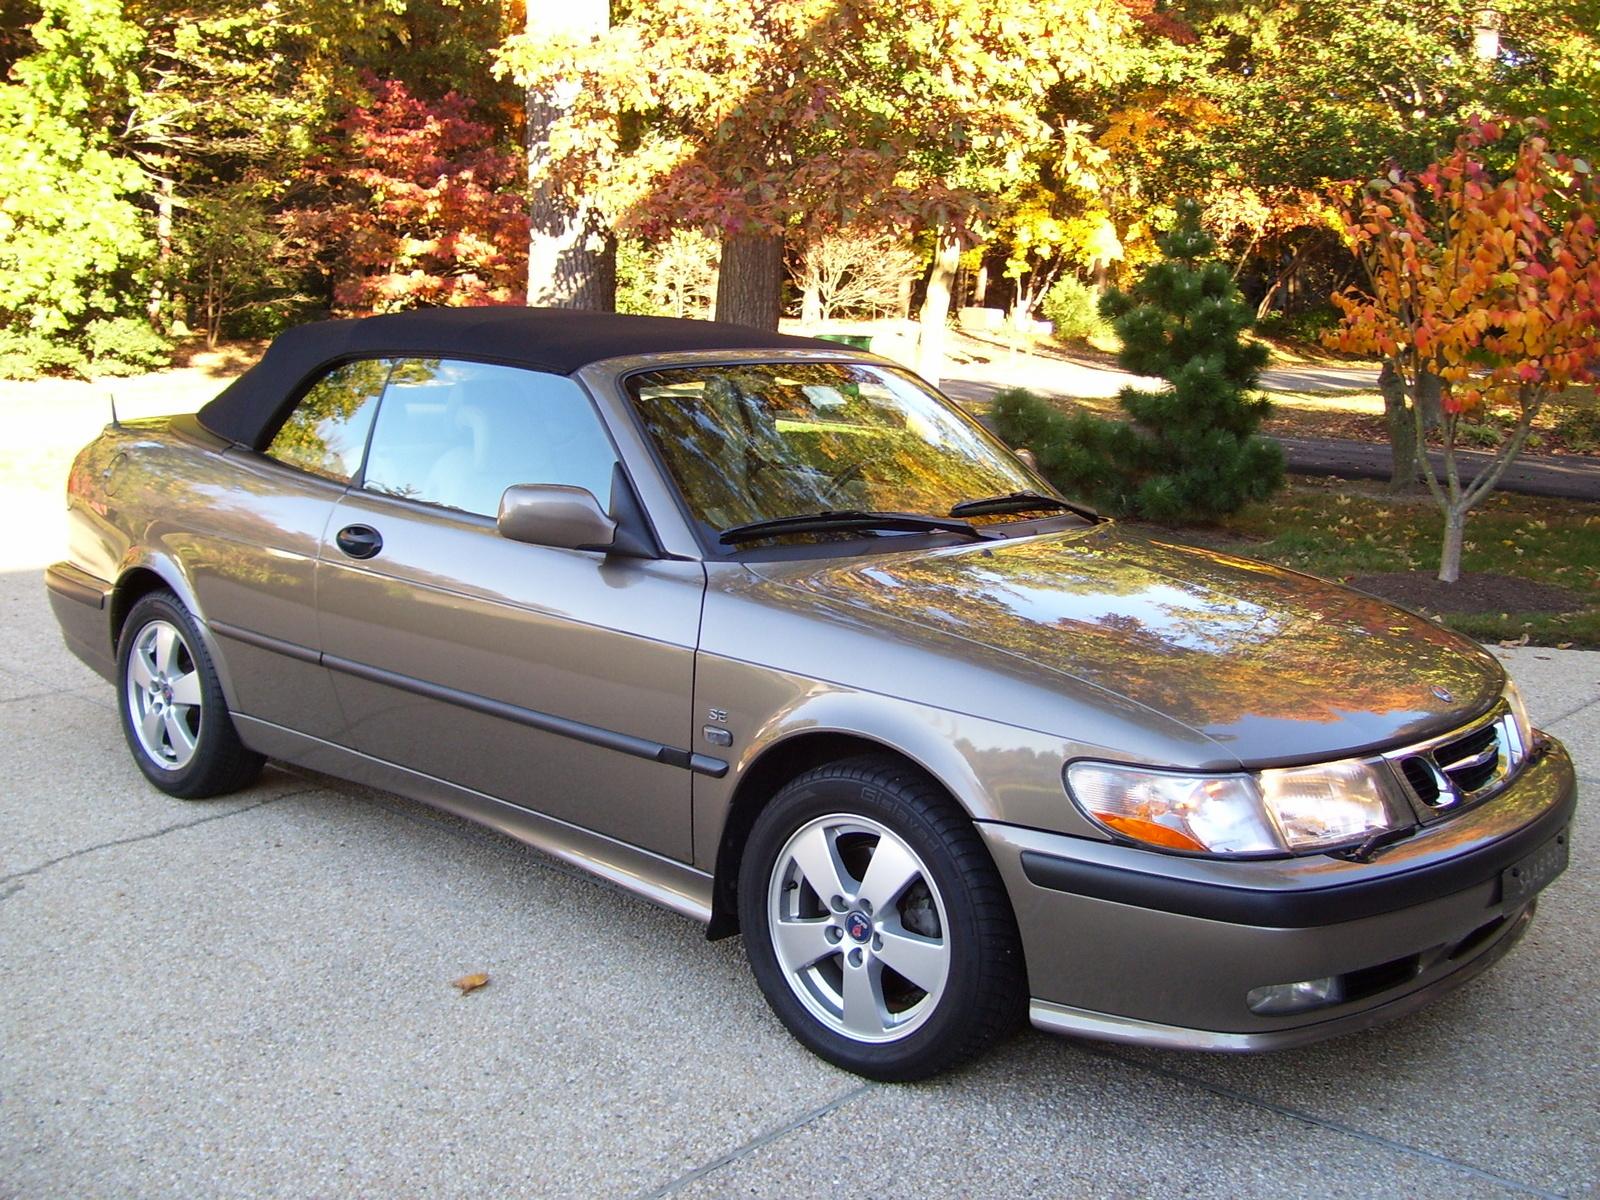 2002 Saab 9 3 Pictures Cargurus